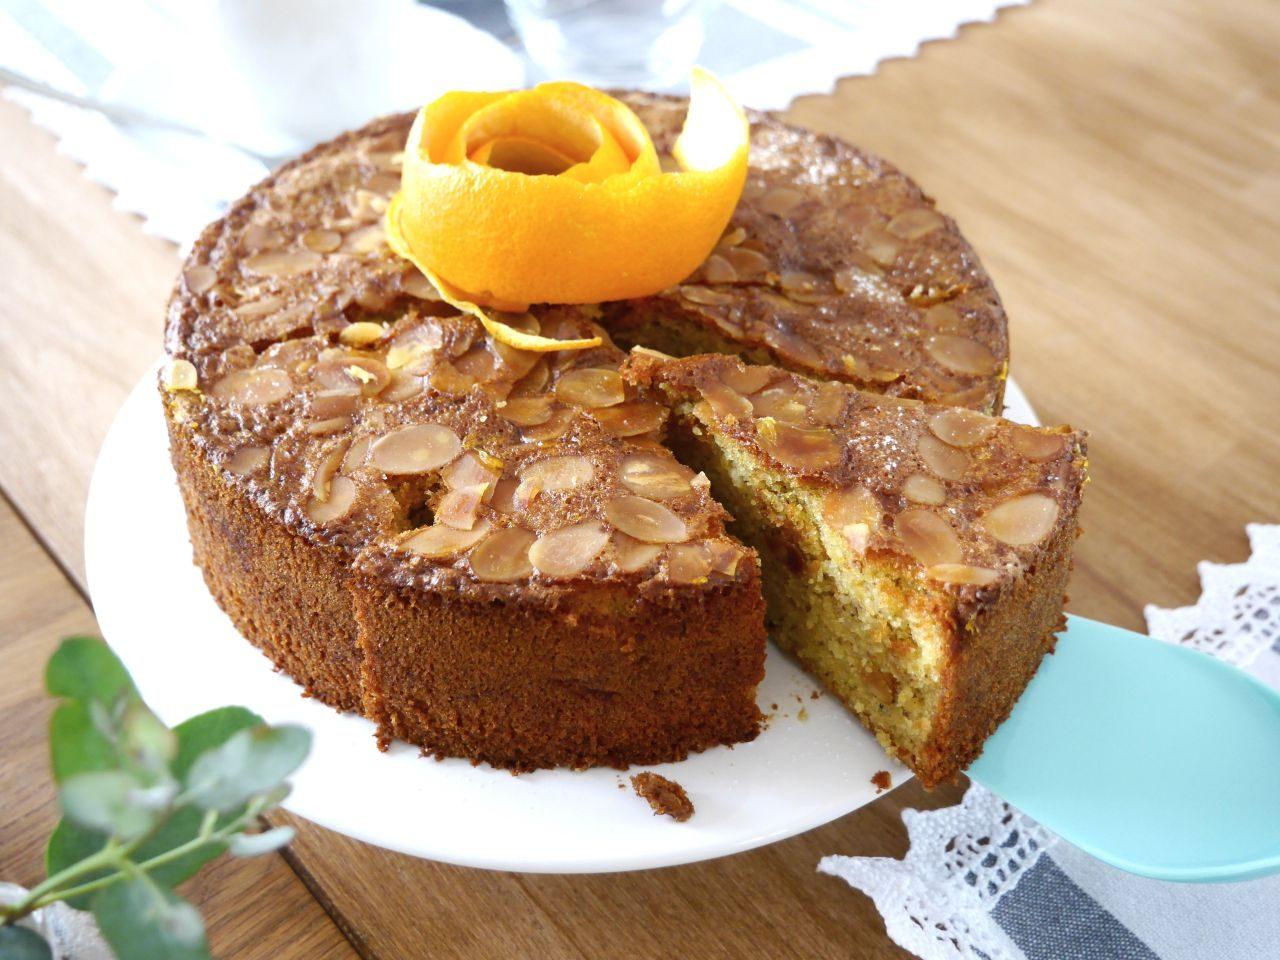 köln beste backen rezept spanischer mandelkuchen gag immobilen ag